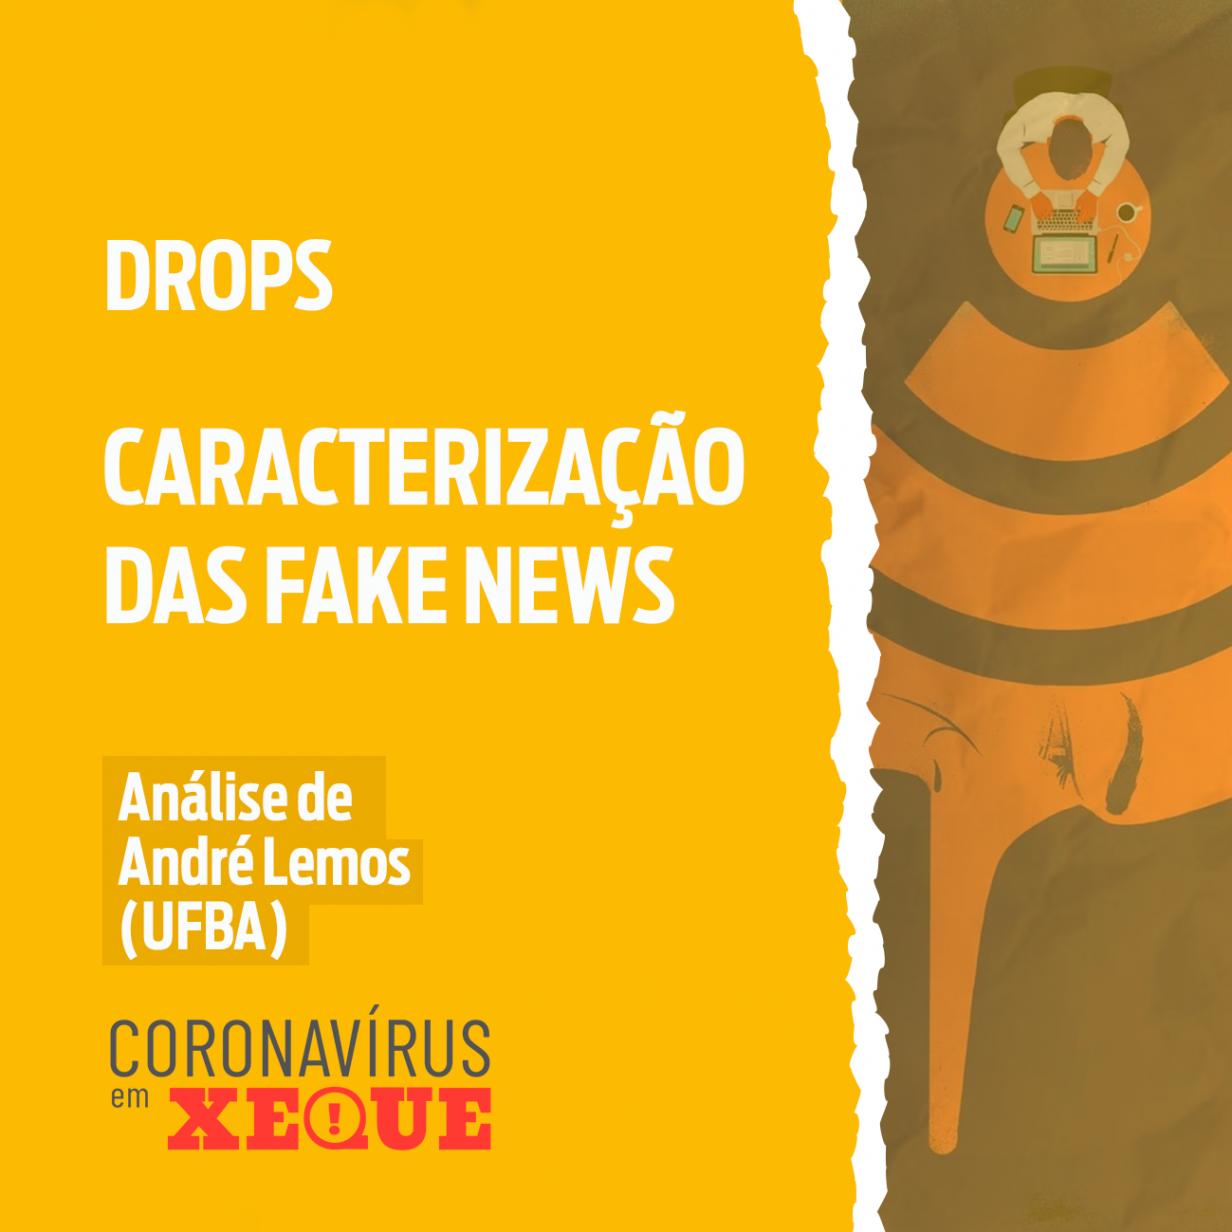 Caracterização das fake news